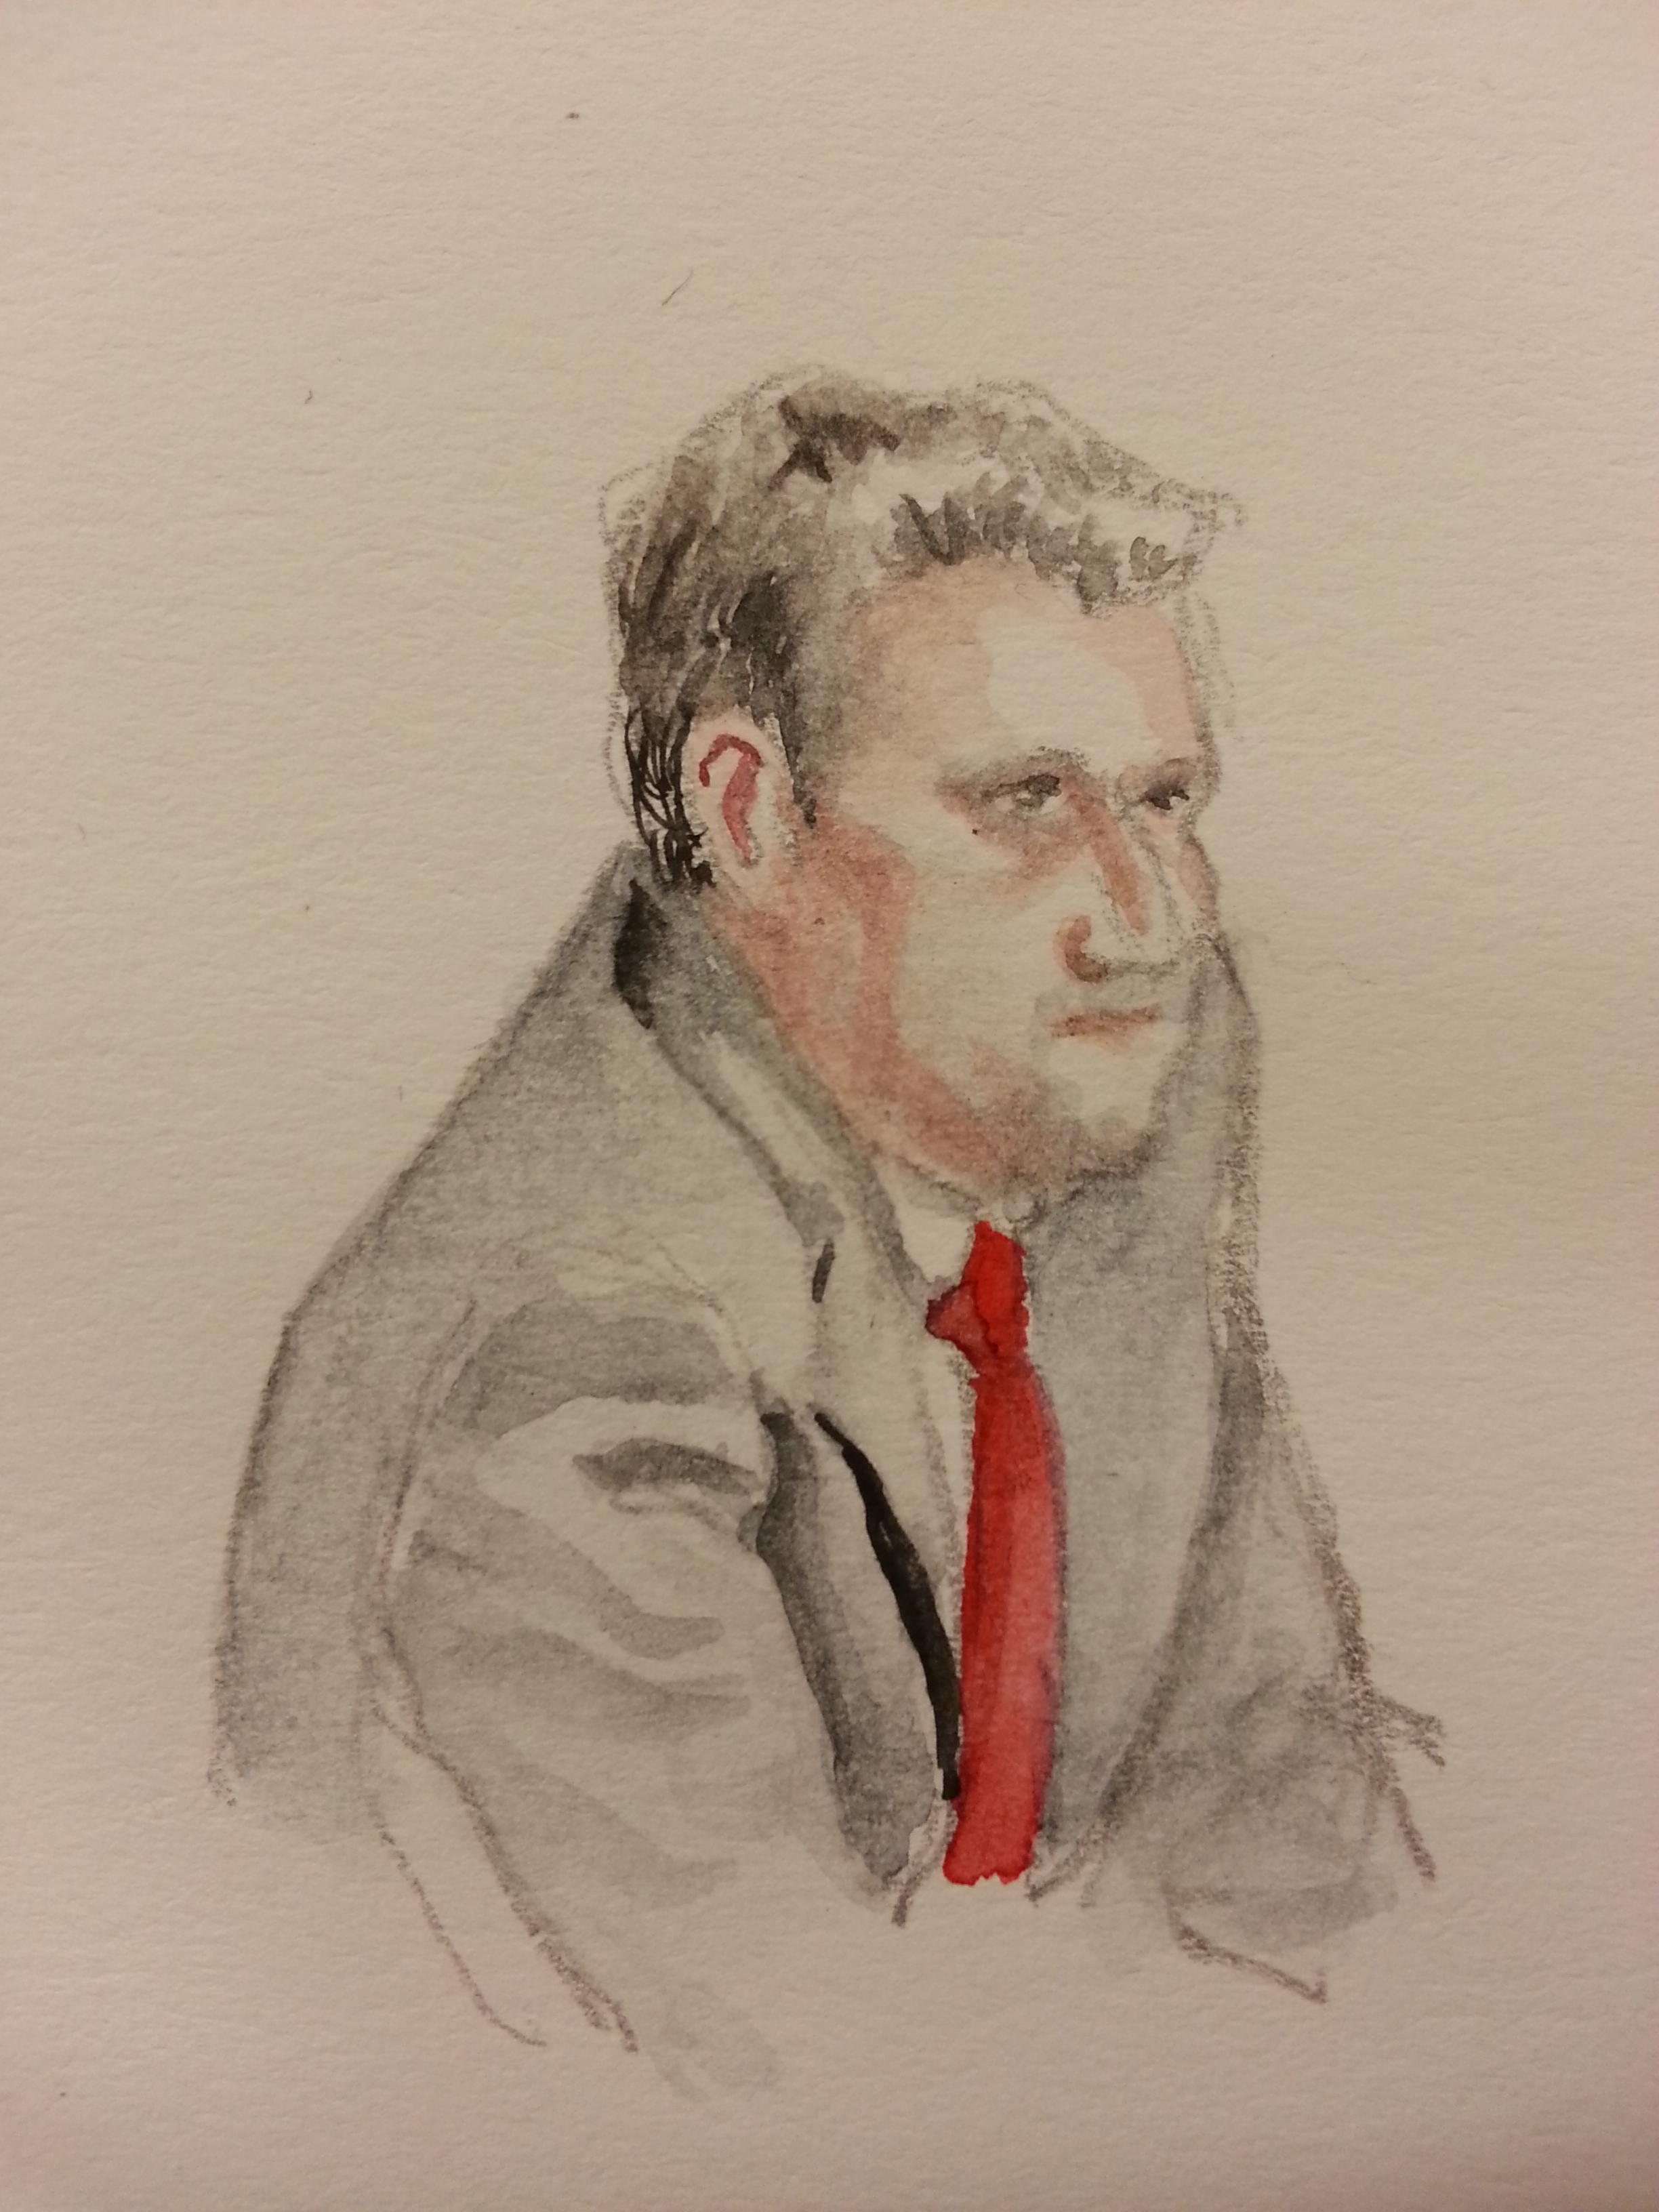 Zeuge Oliver Matt bei seiner Anhörung. Zeichnung: Stella Schiffczyk.